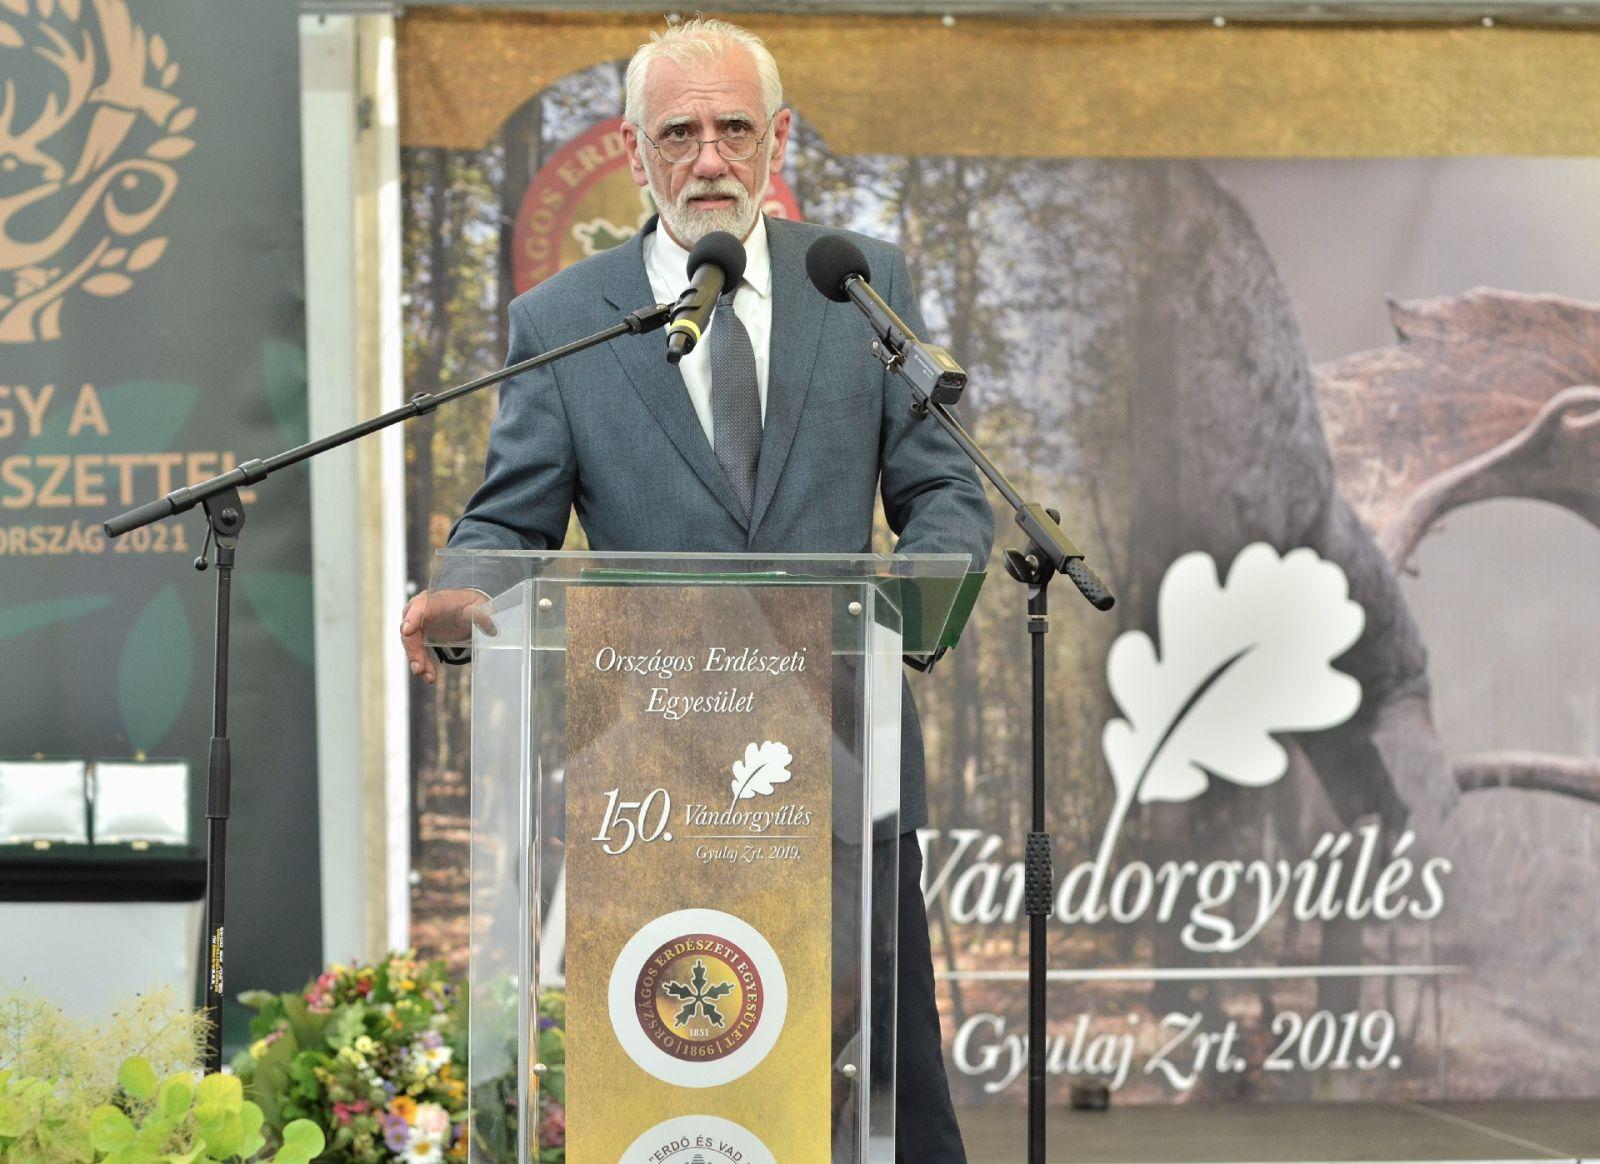 Luzsi József alelnök, NAK